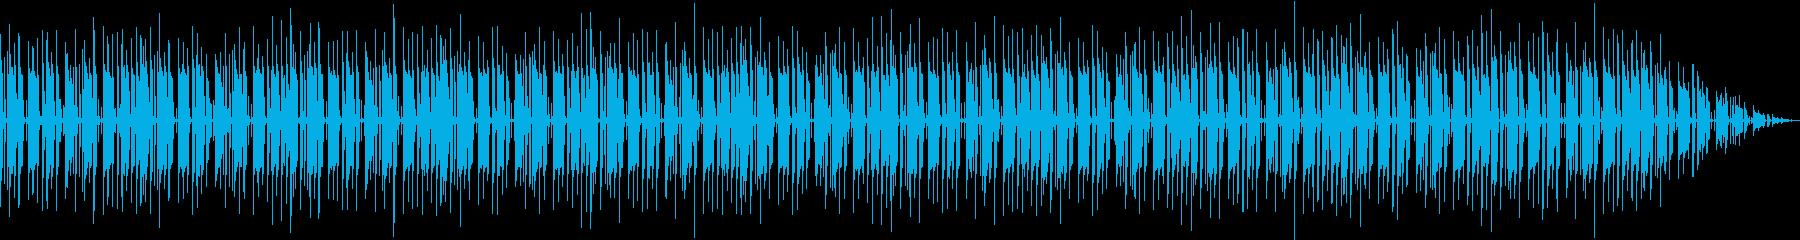 パーカッションとベースのセッションの再生済みの波形